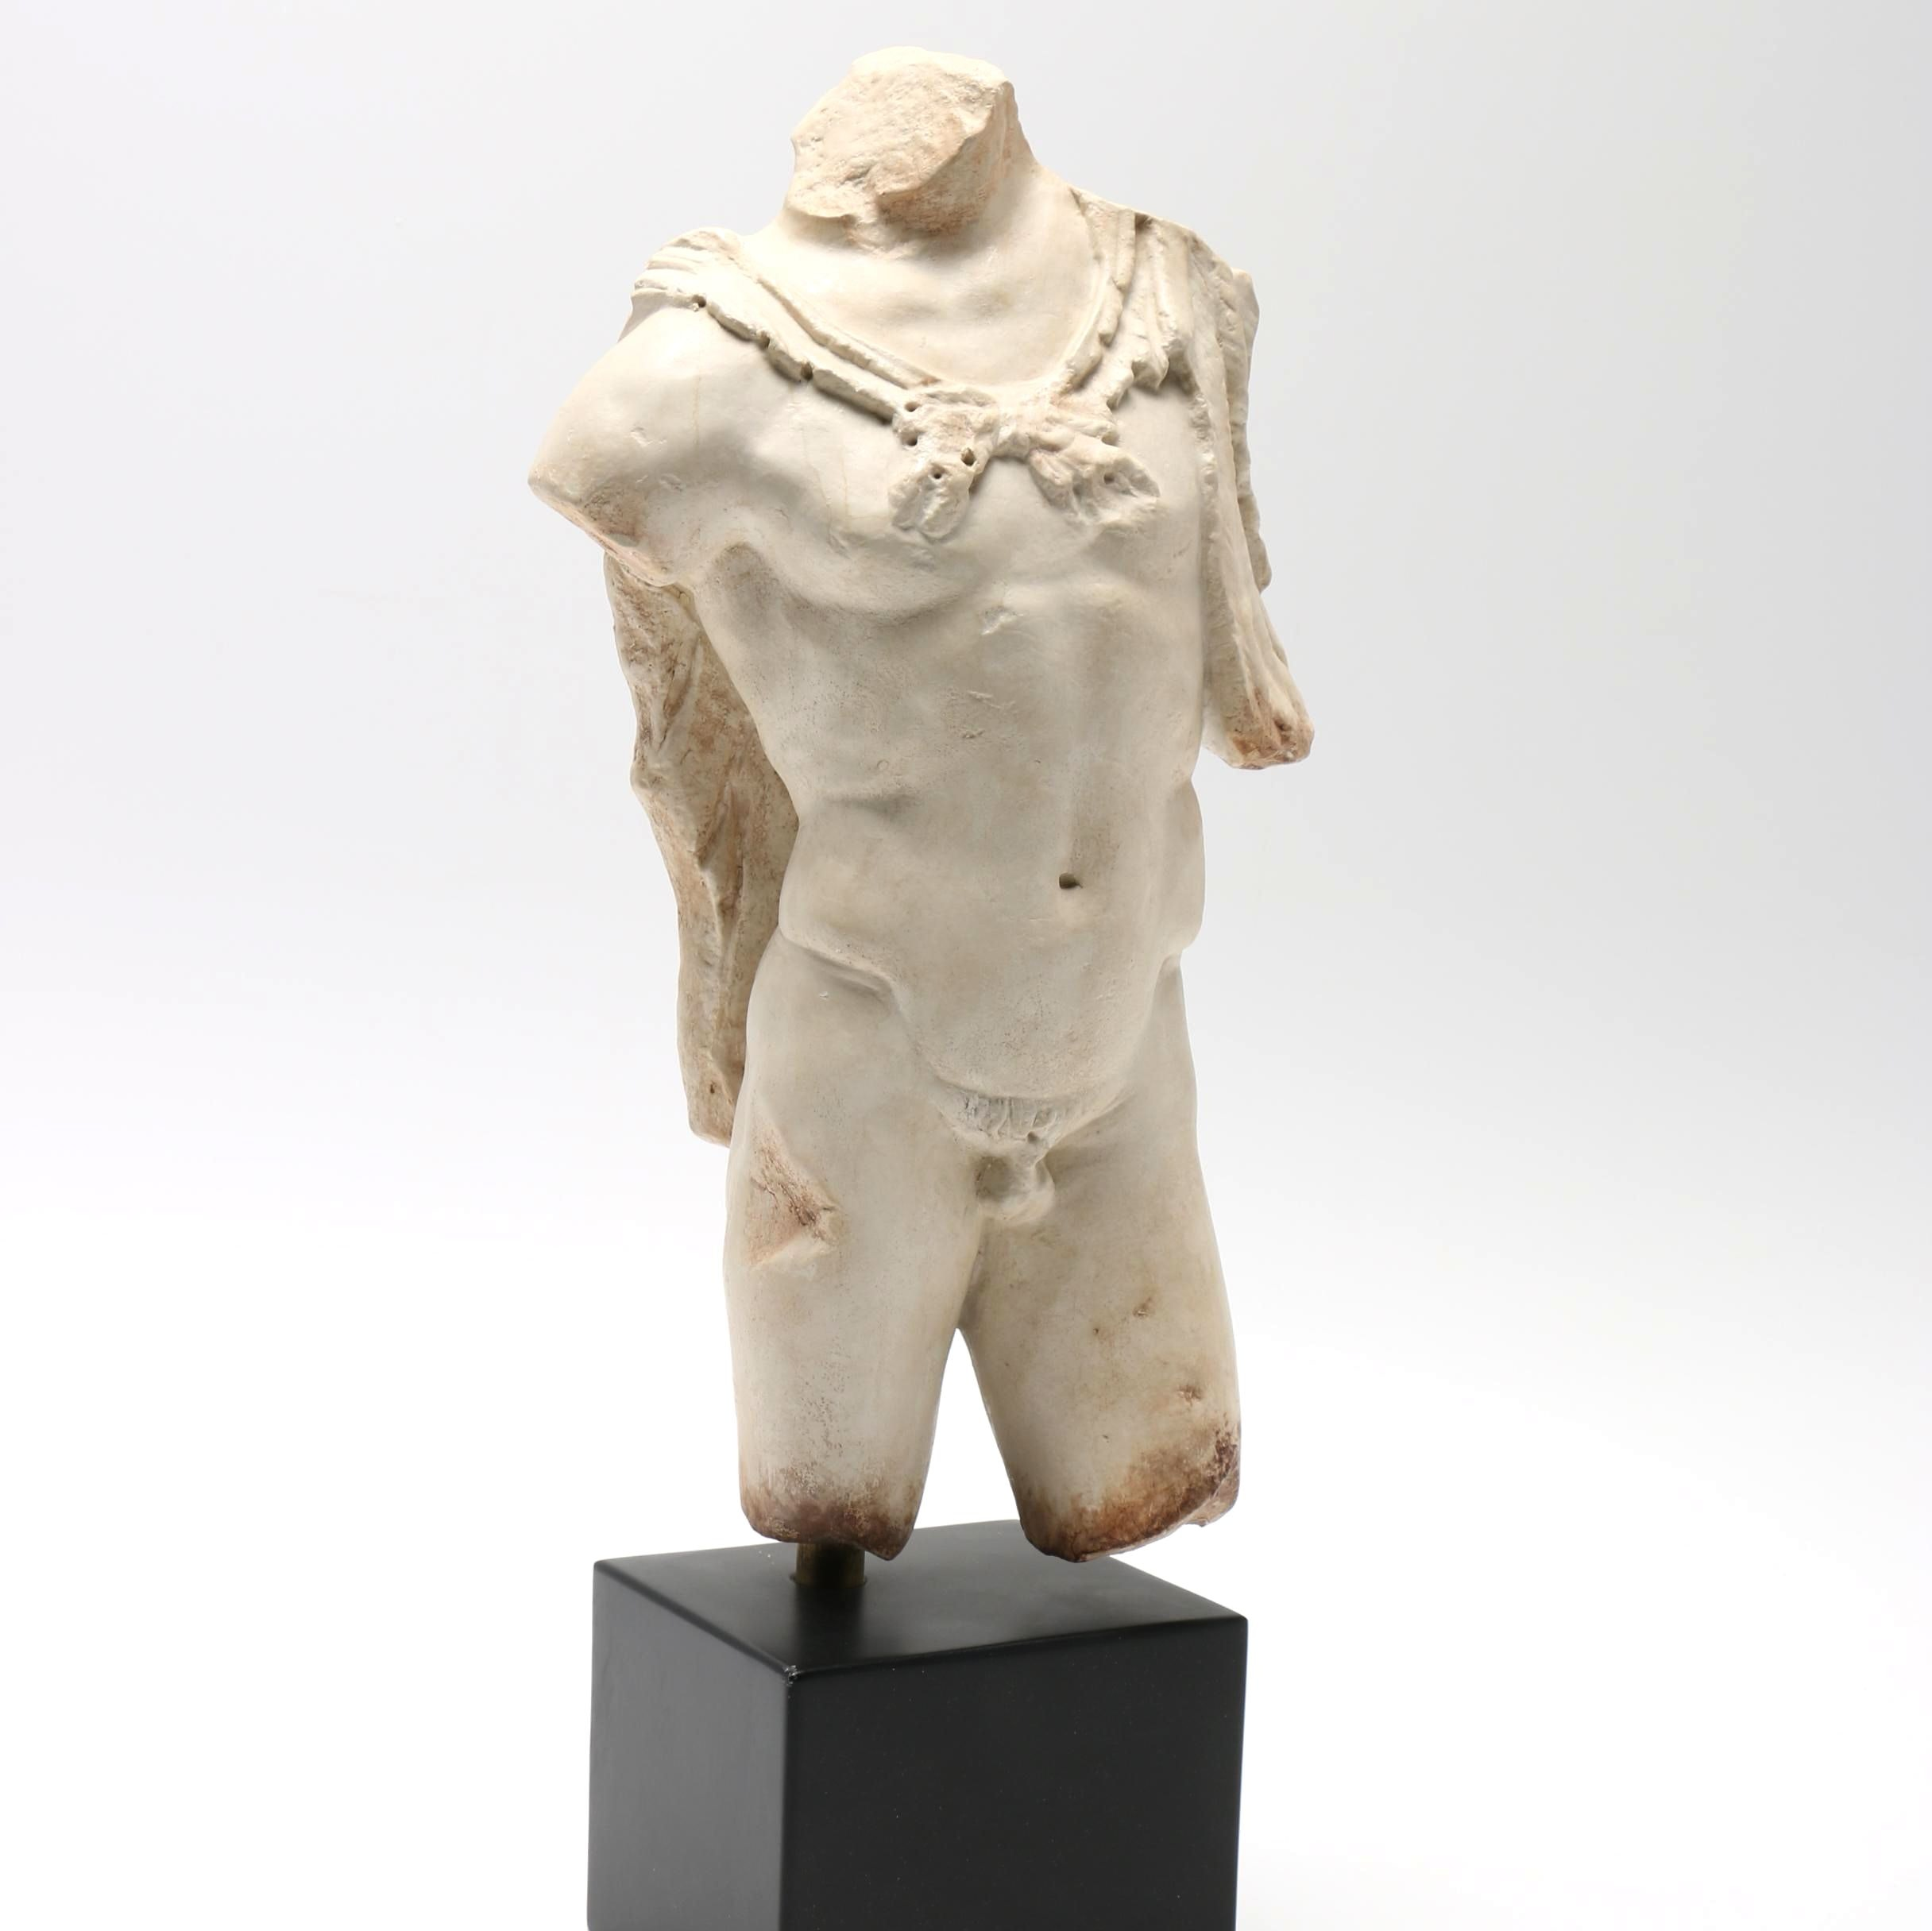 Reproduction Male Torso Sculpture